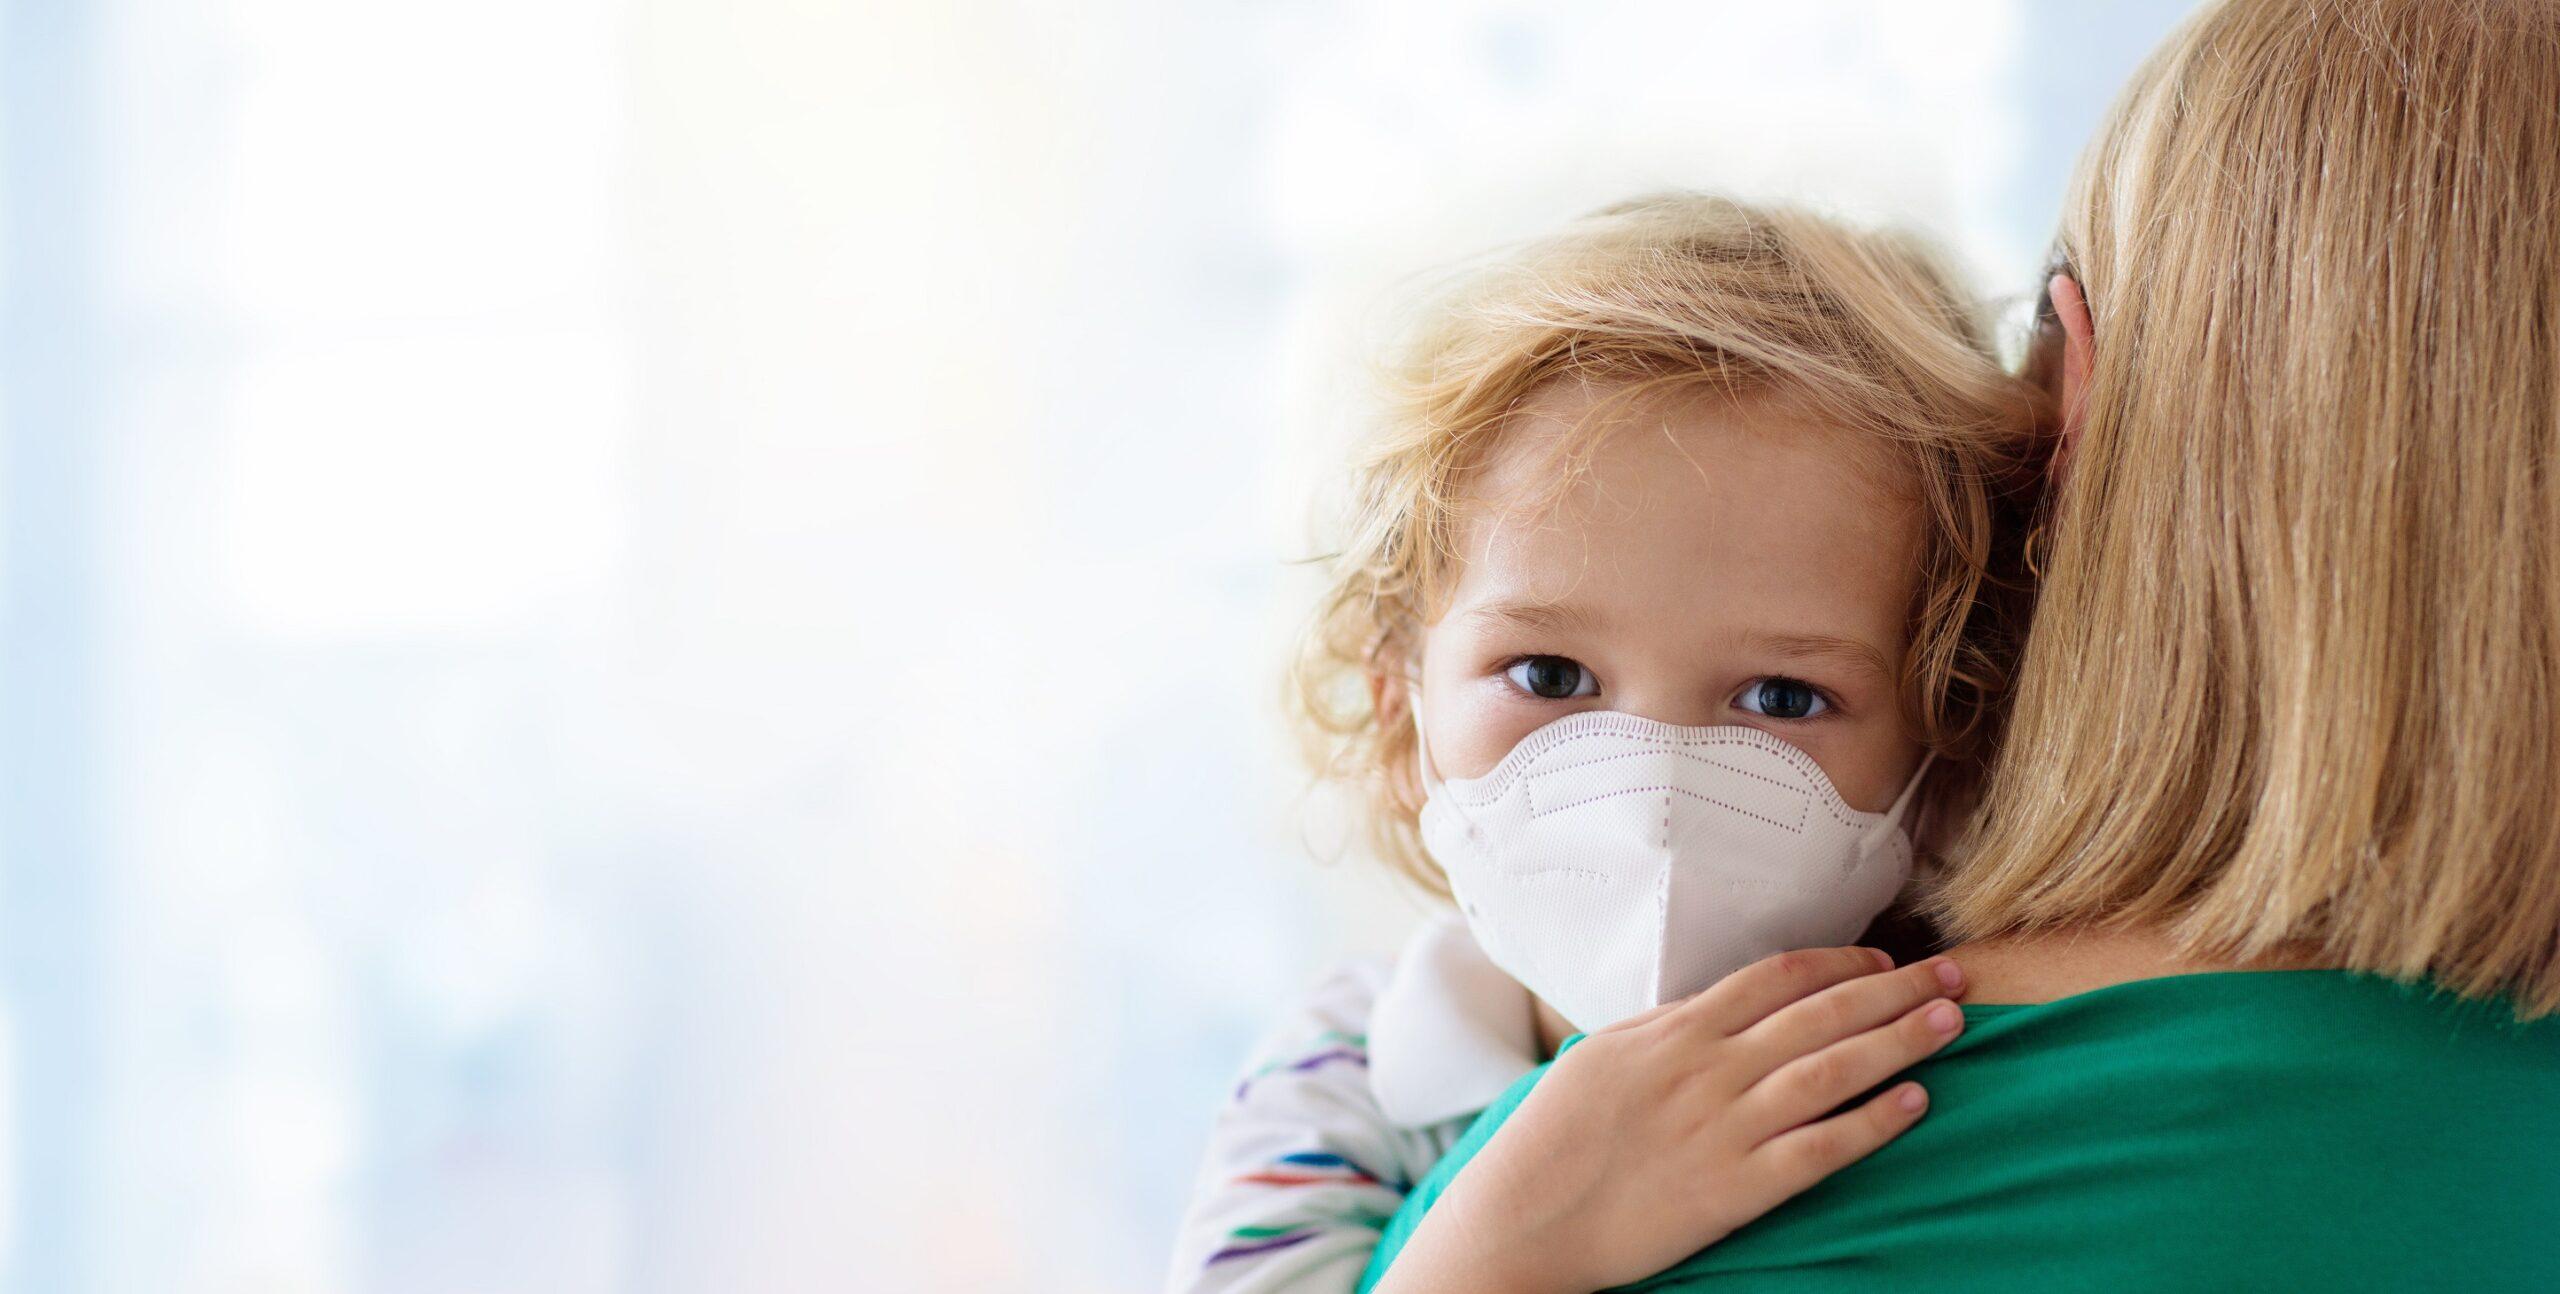 COVID-19 bei Kindern: Was ist ein MIS-C und wieso ist es so gefährlich? - Heilpraxisnet.de